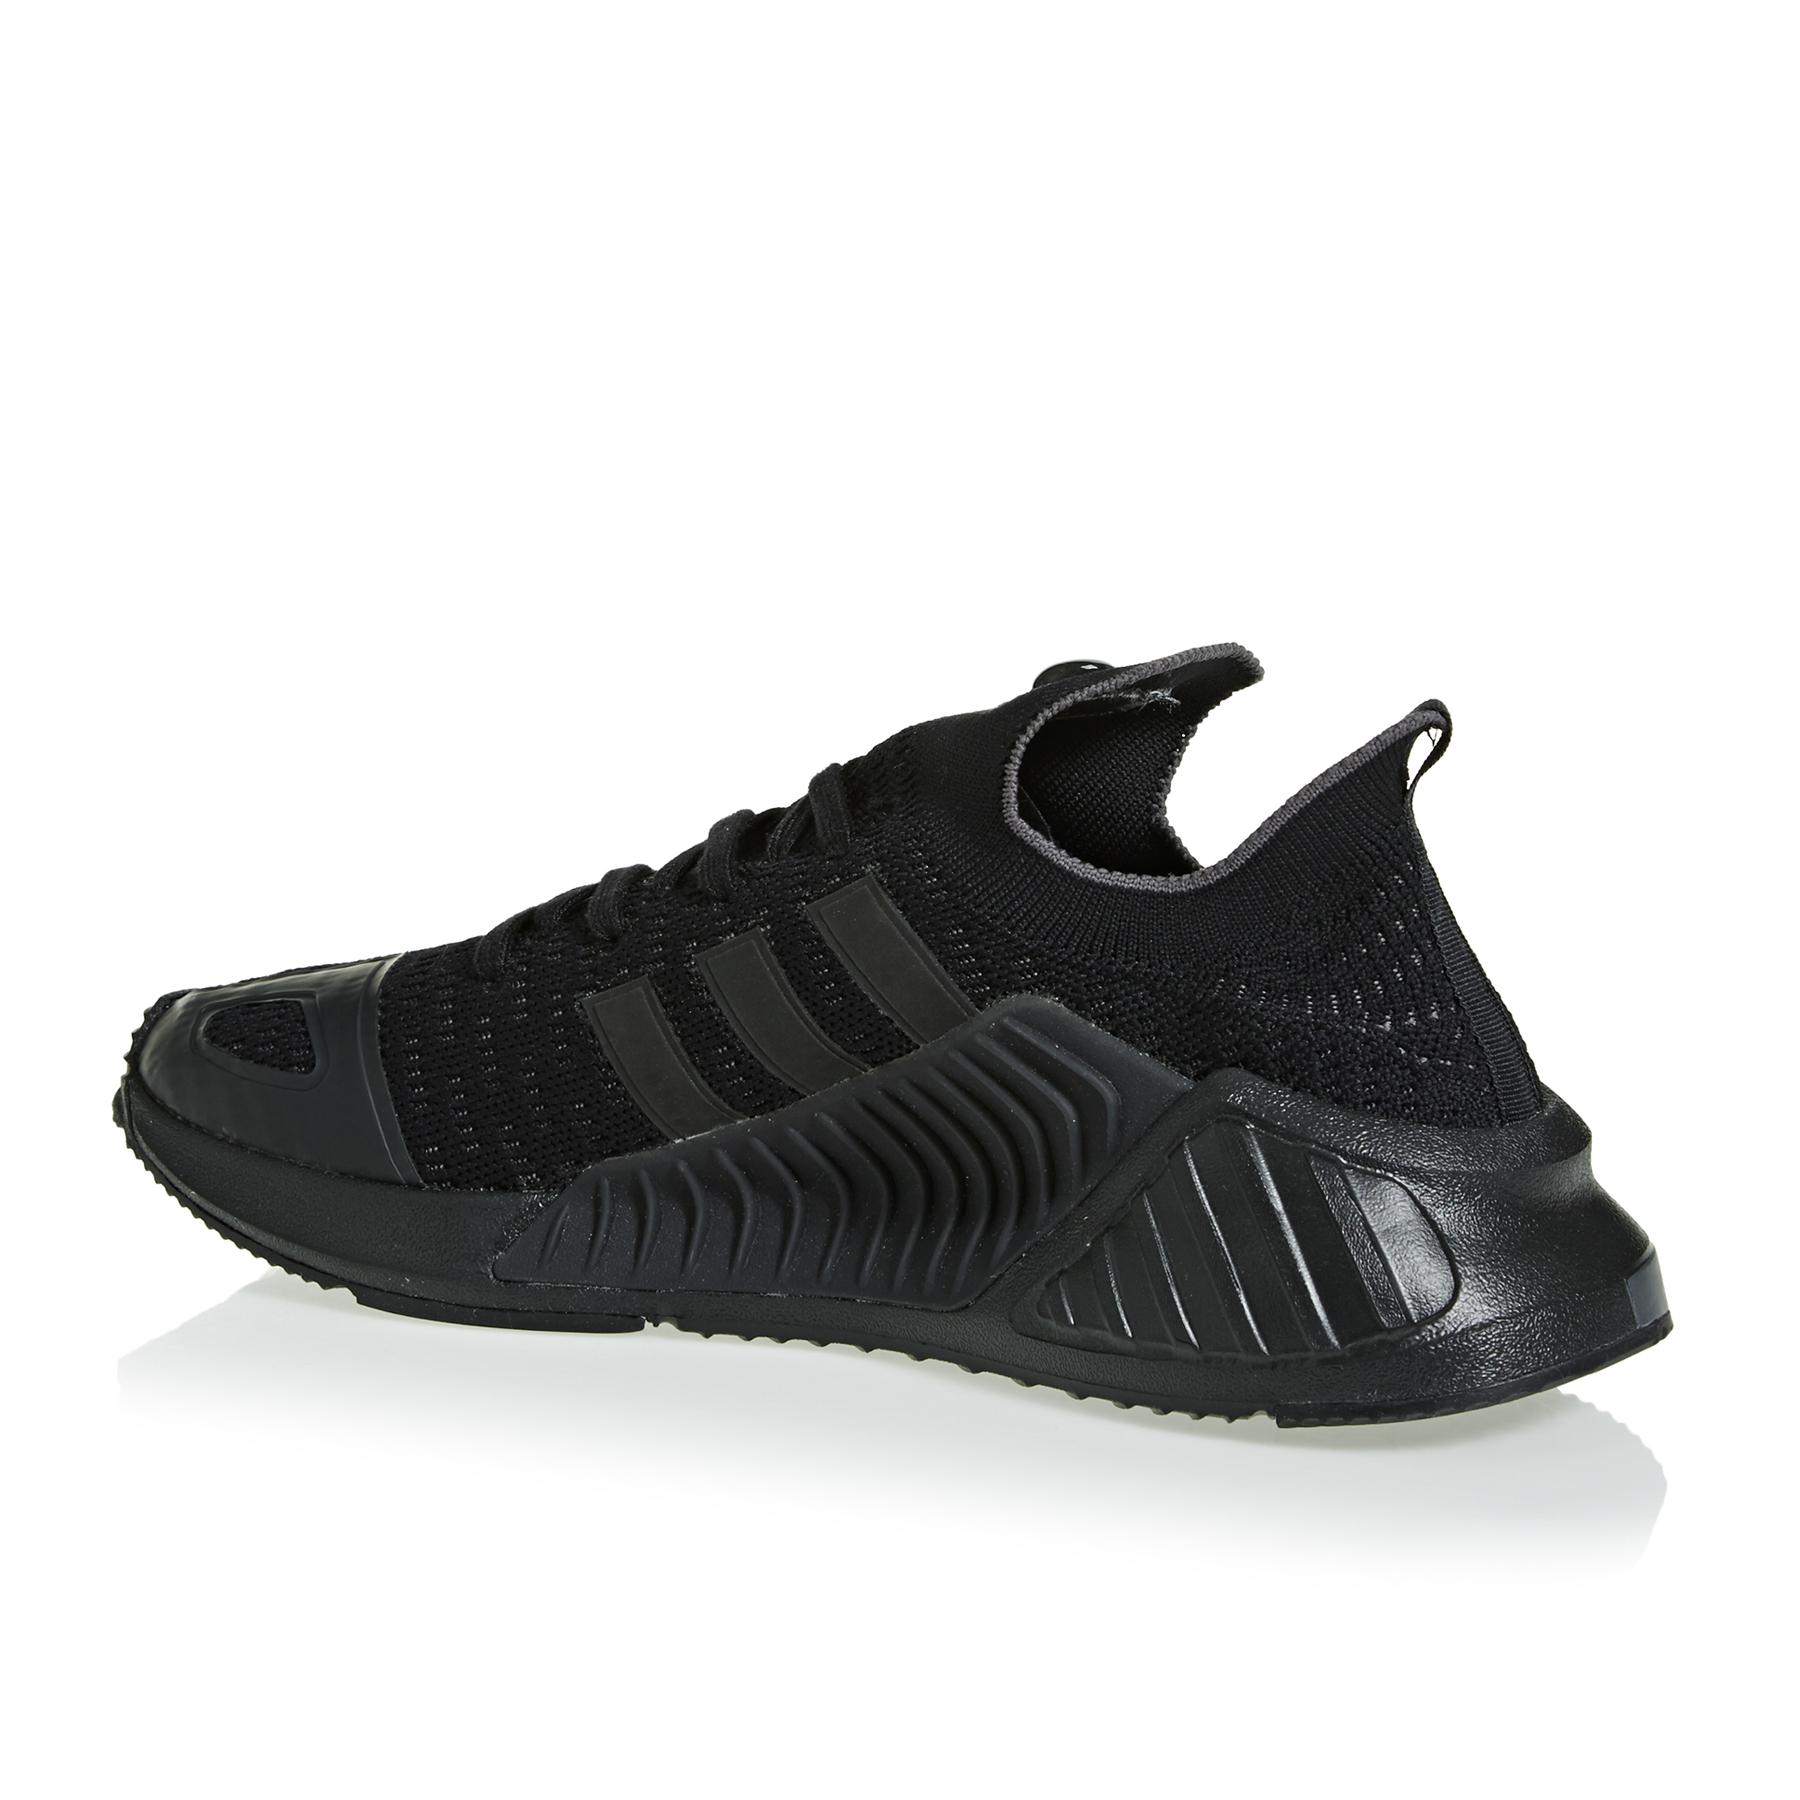 adidas Originals Climacool 0217 Pk Core Schwarz Schuhe für